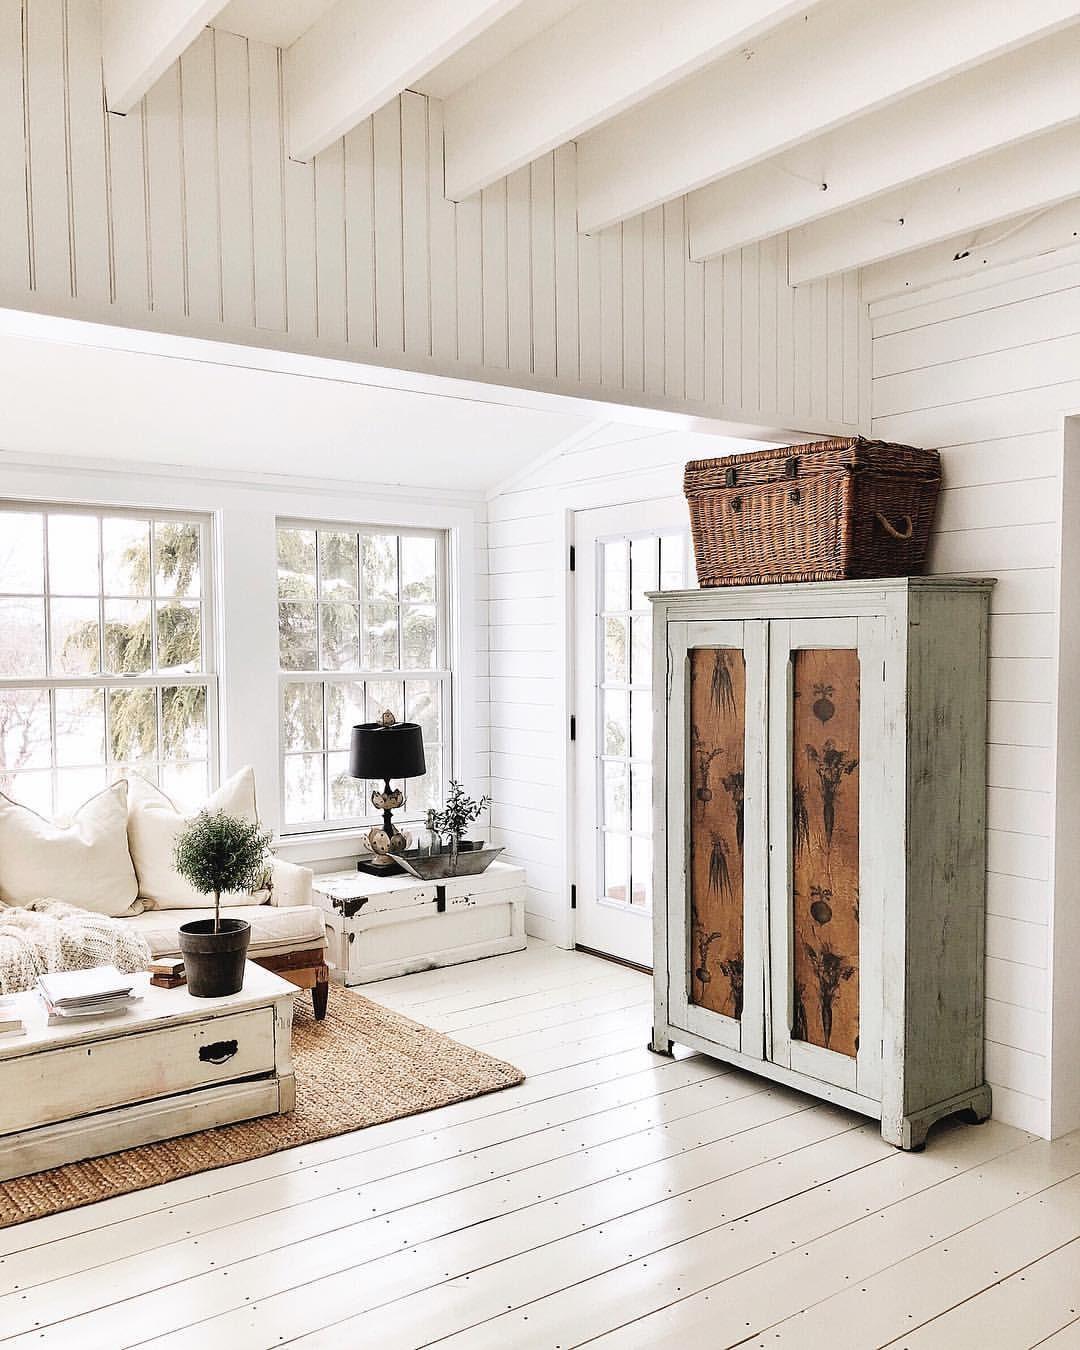 Pin By Edaj On H U M B L E A B O D E Home Decor White Painted Floors Sunroom Decorating